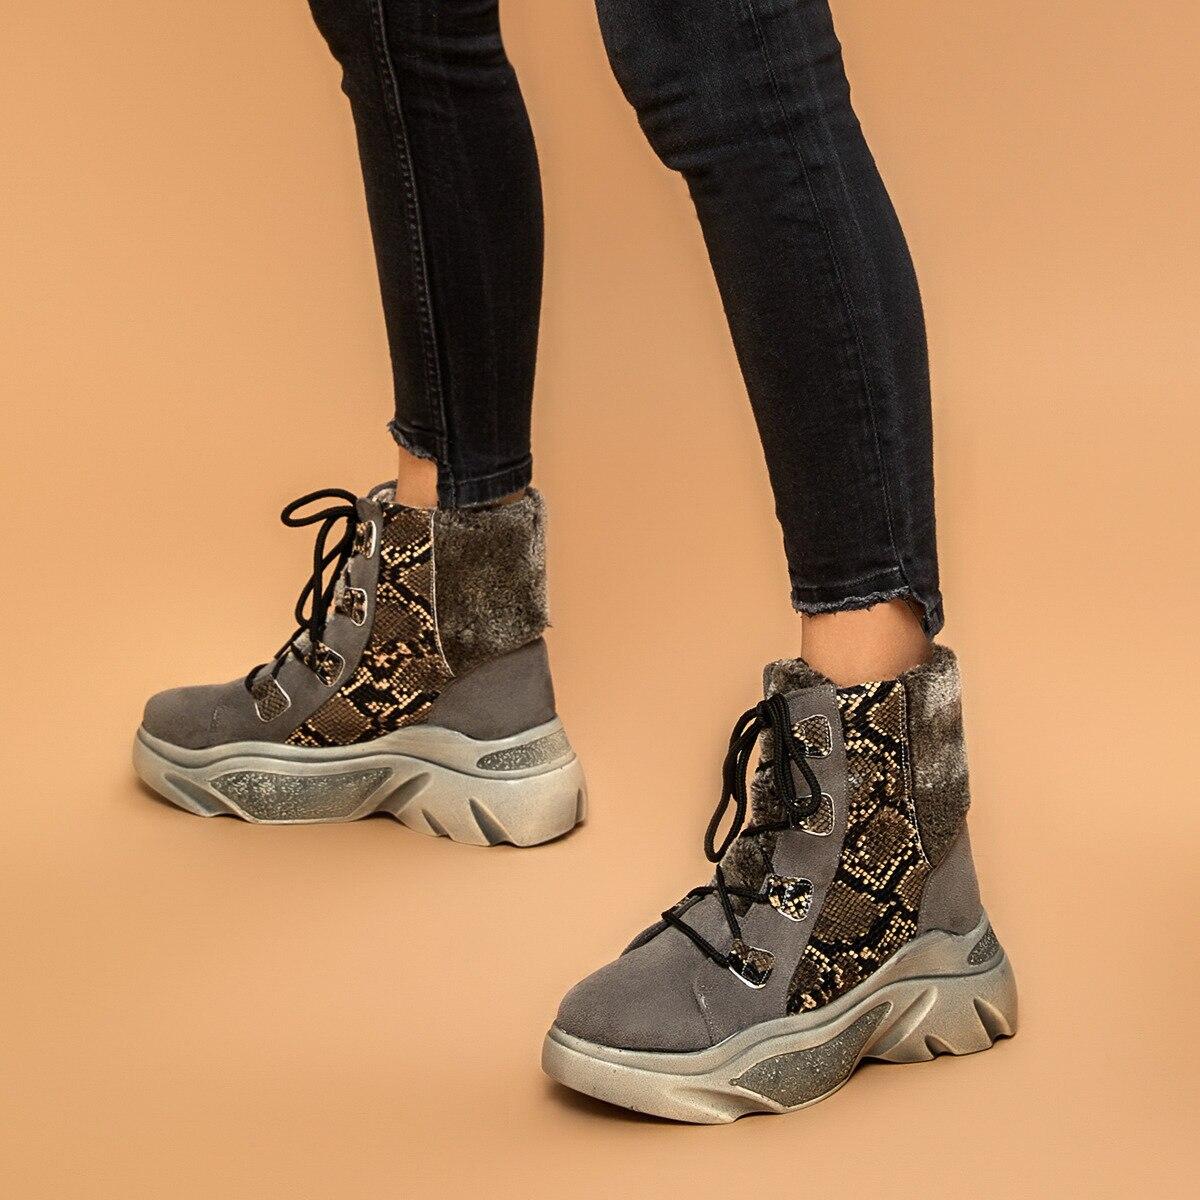 FLO PRATO Gray Women 'S Thick Soled Boots BUTIGO